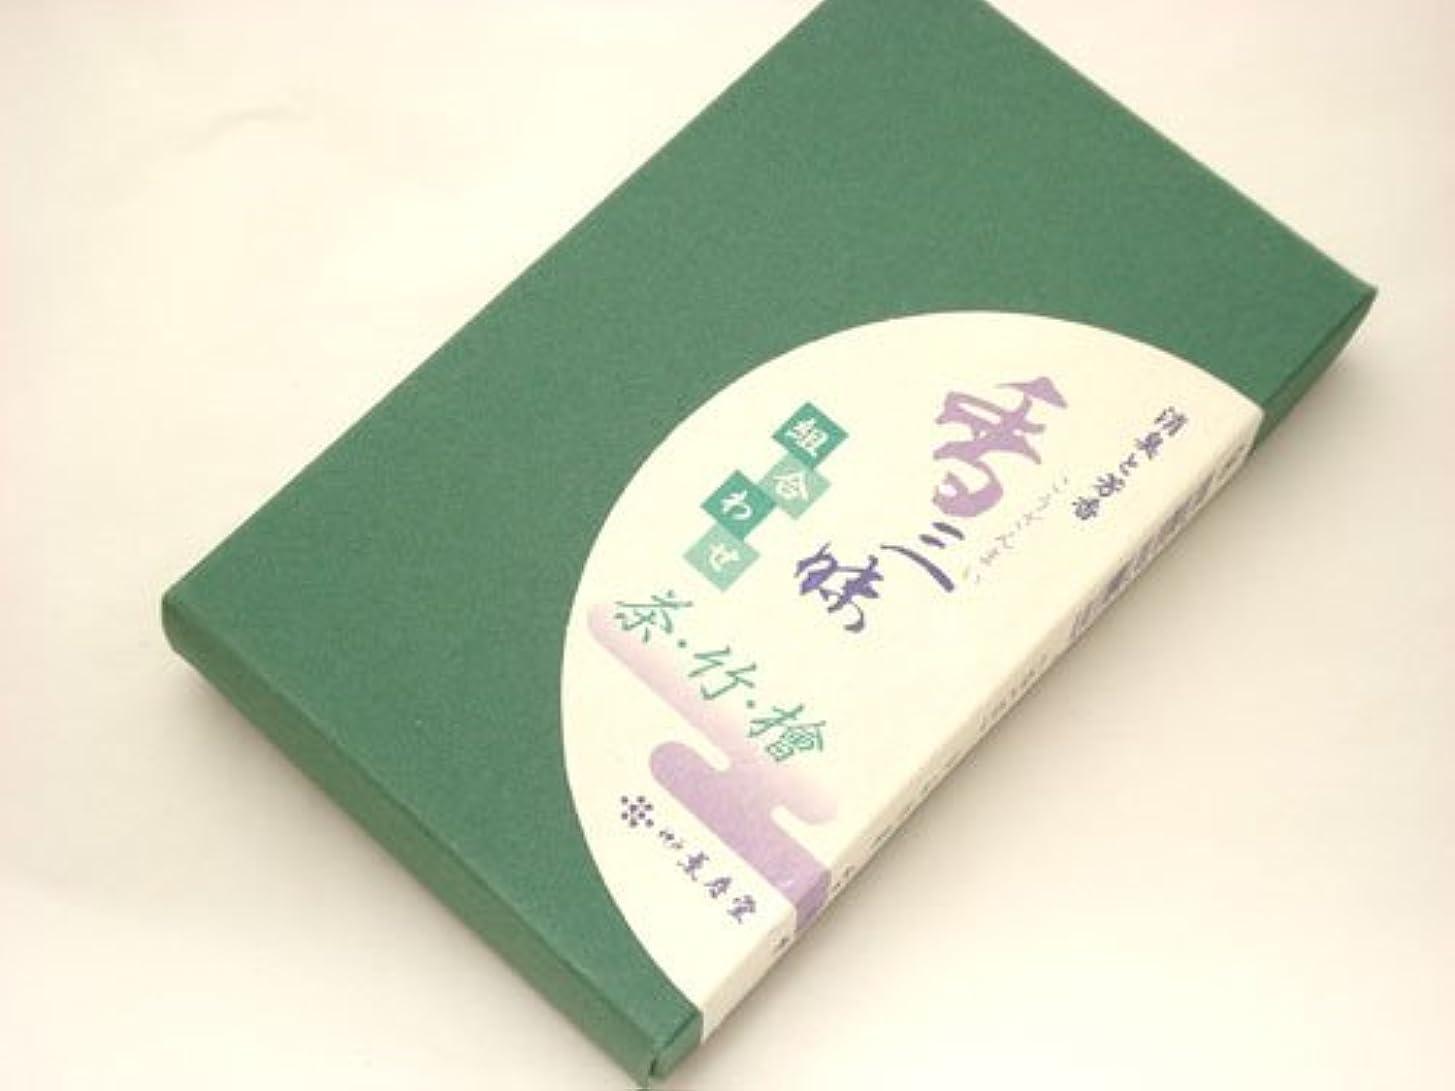 ウミウシチーム歯科の楽しむ香り!香三昧(こうざんまい) 茶?竹?檜アソート 【スティック】